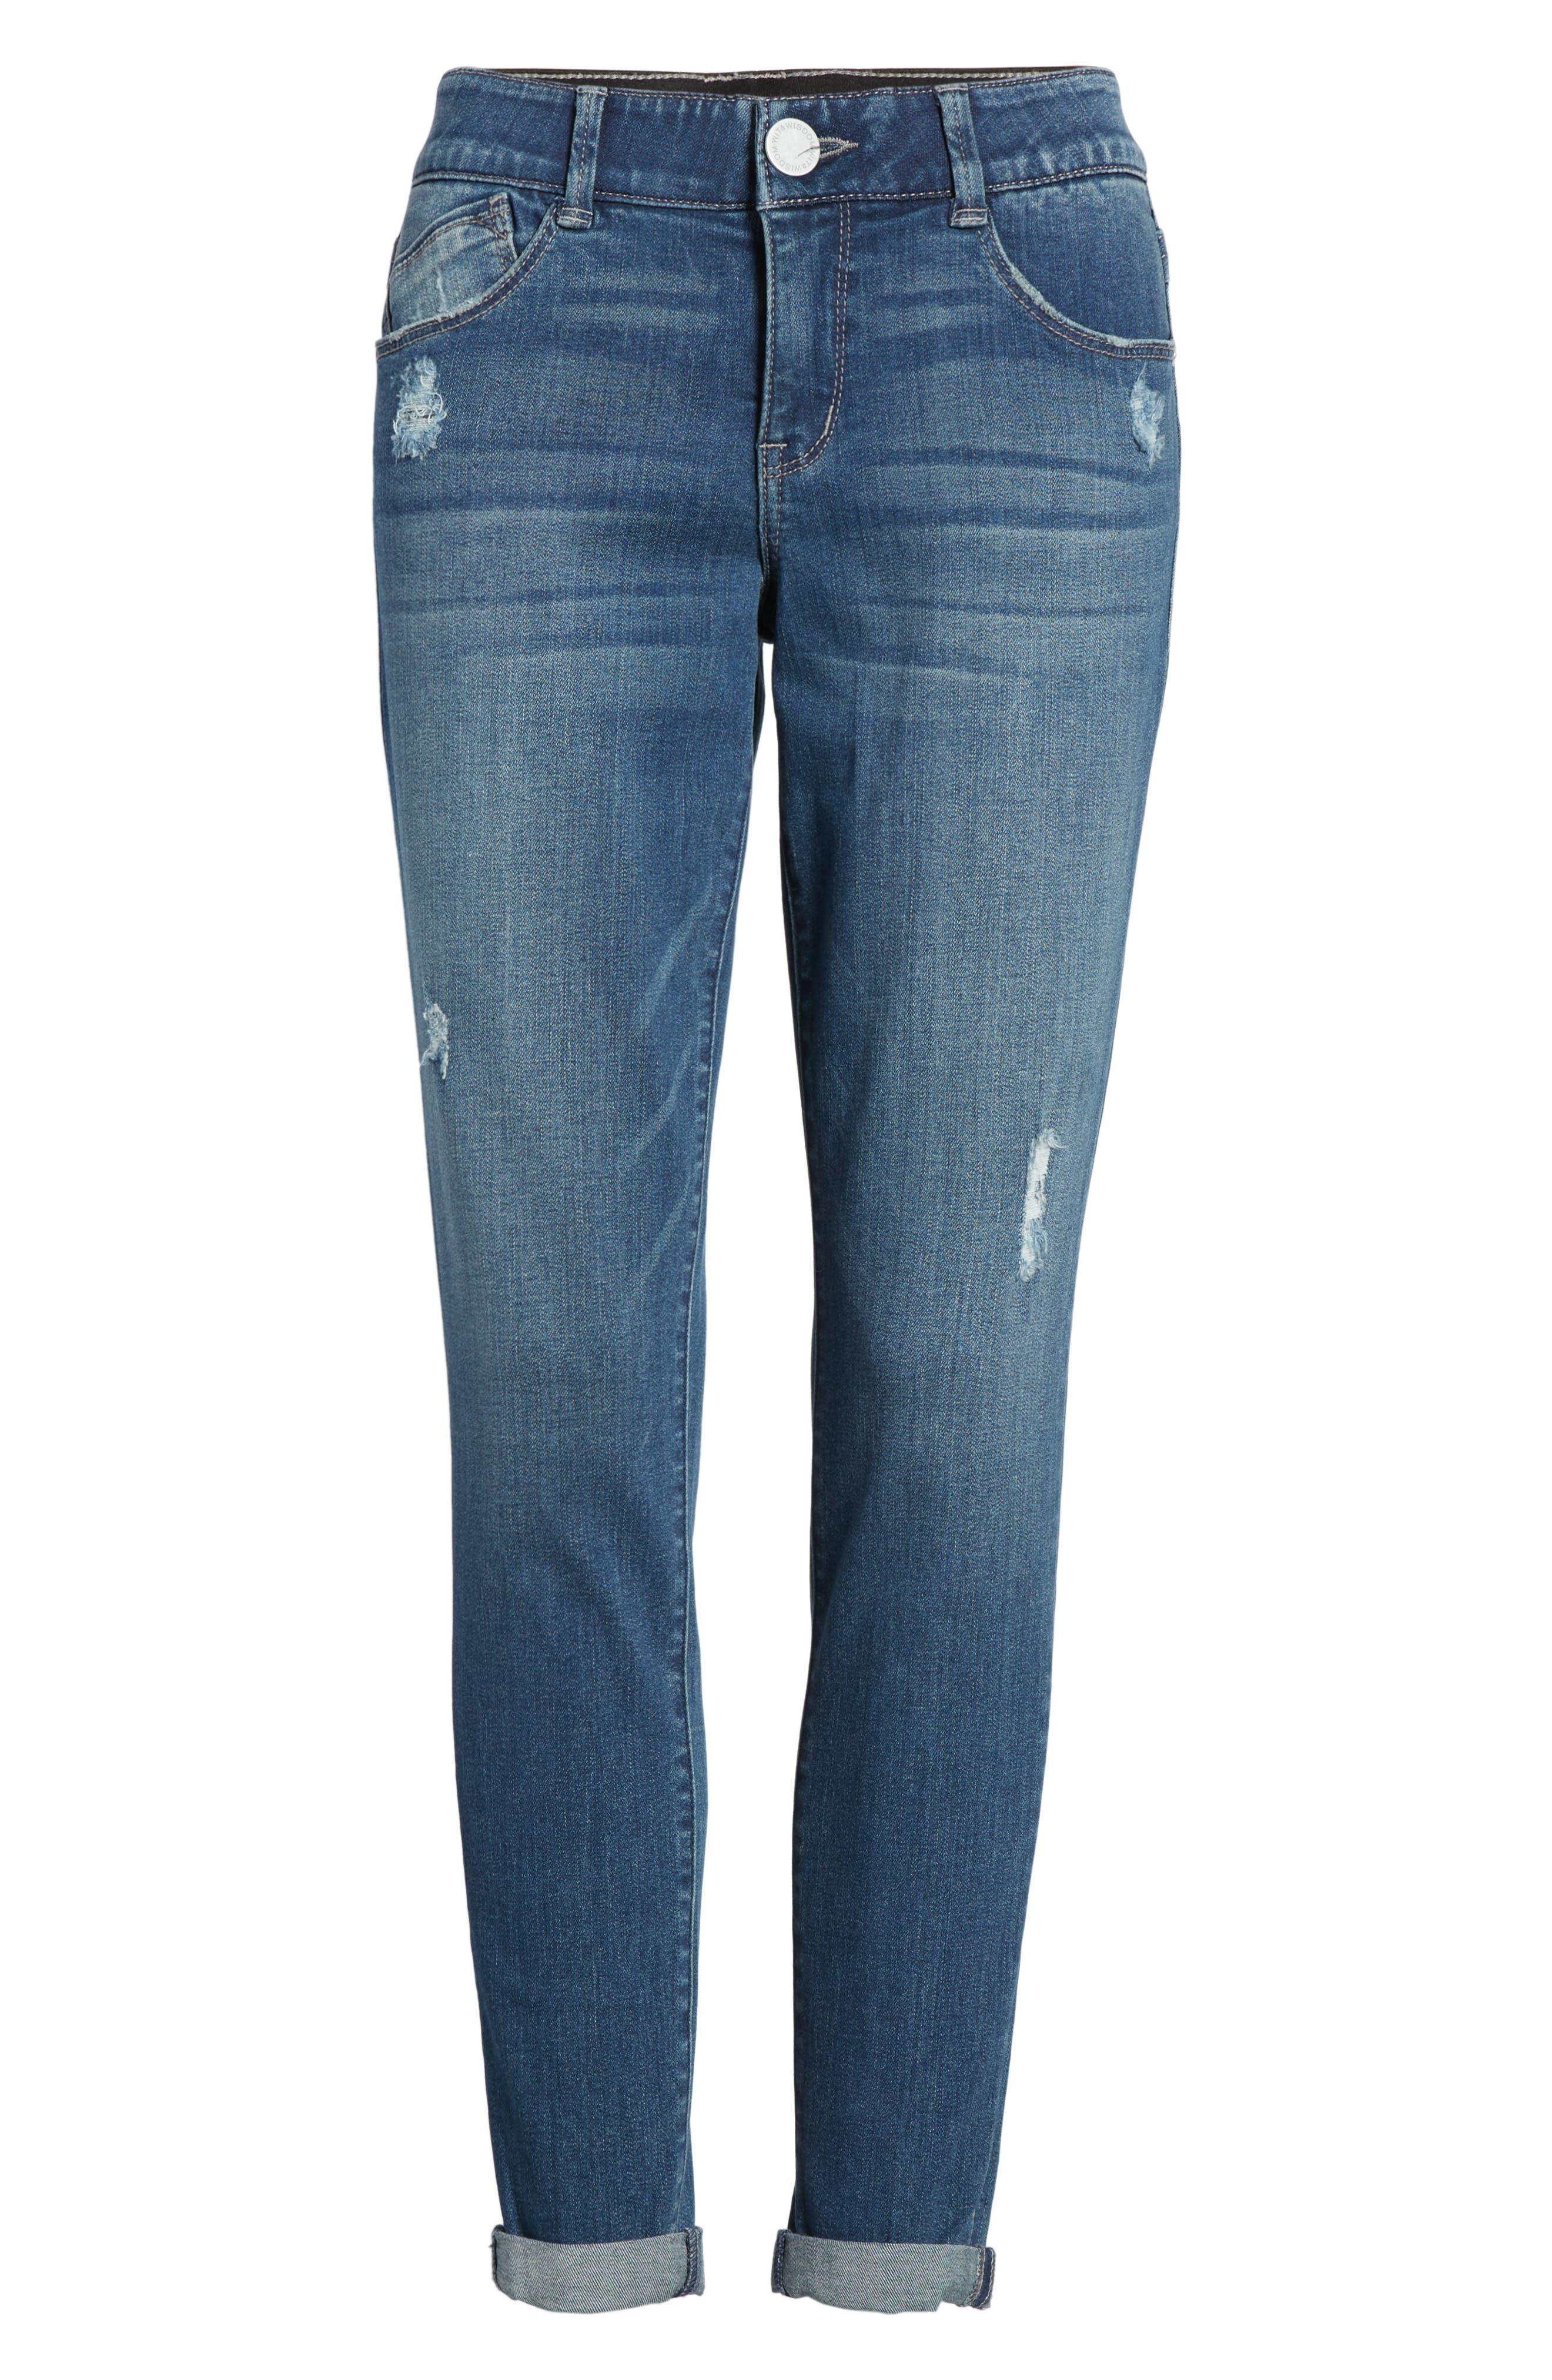 Ab-solution Boyfriend Ankle Jeans,                             Alternate thumbnail 13, color,